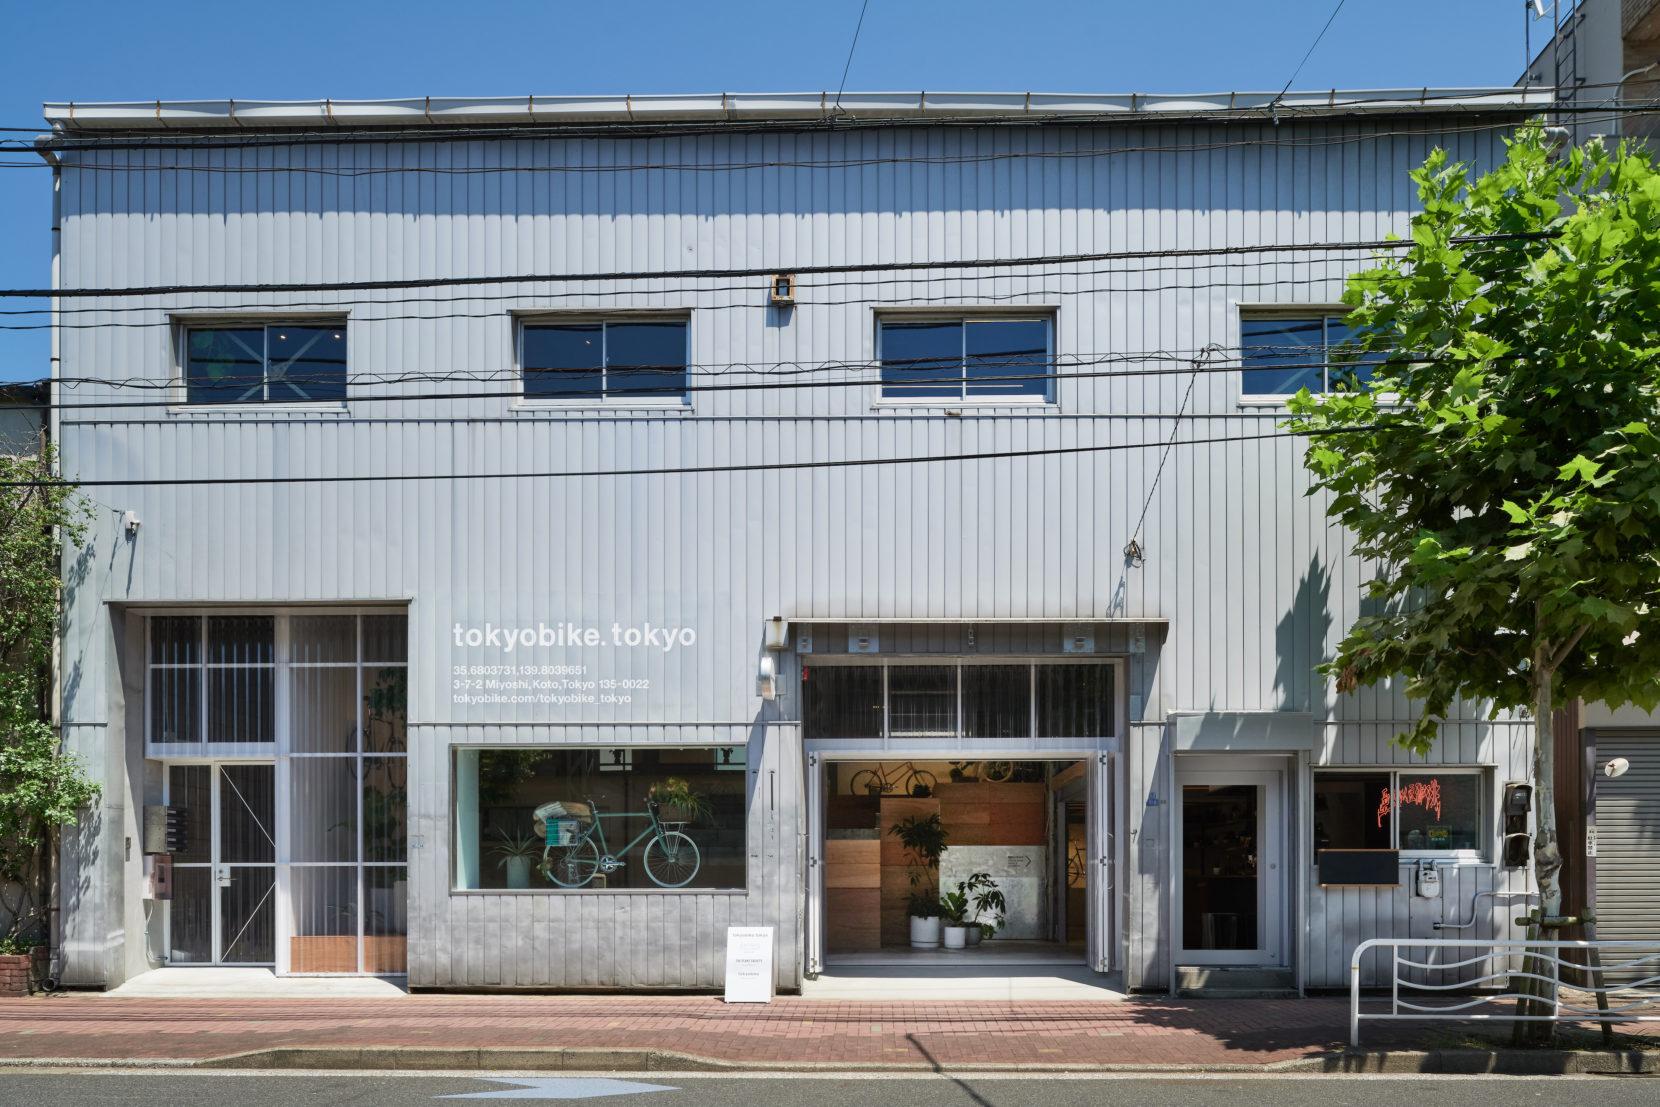 TOKYOBIKETOKYO KIYOSUMISHIRAKAWA トーキョーバイクトーキョー 清澄白河